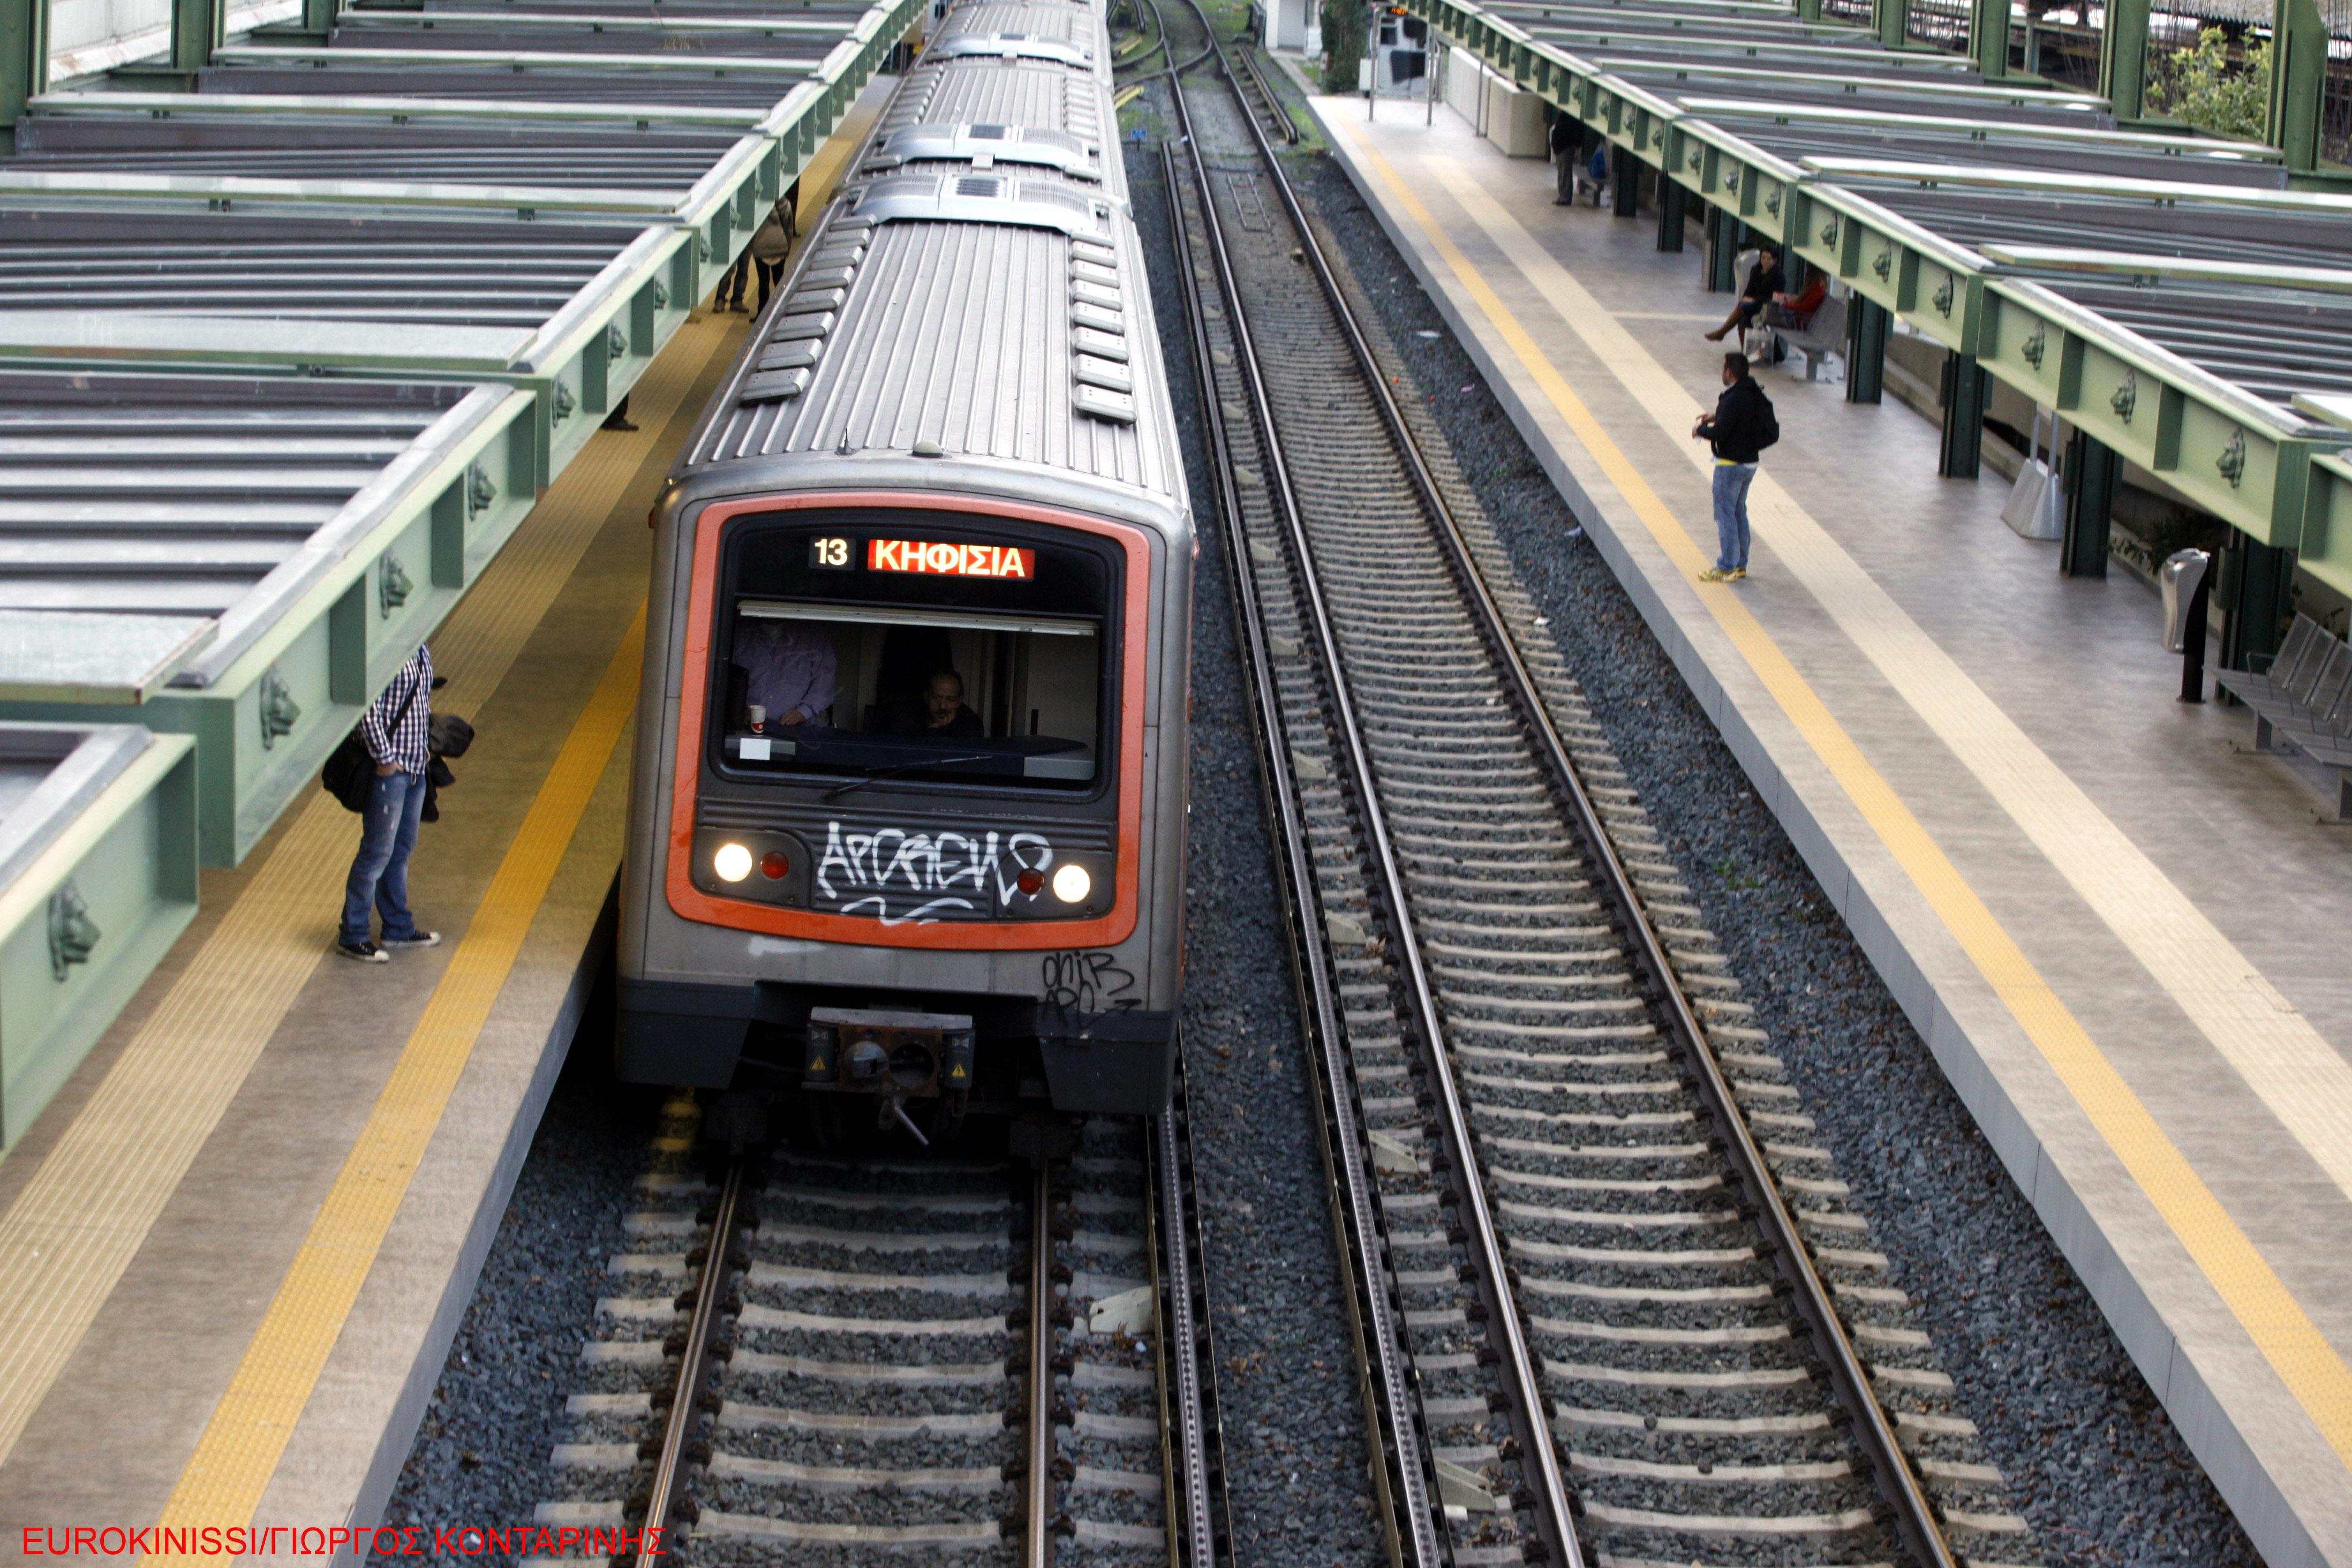 Ανω Πατήσια: Νεκρή η ηλικιωμένη που έπεσε στις γραμμές του τρένου | tovima.gr